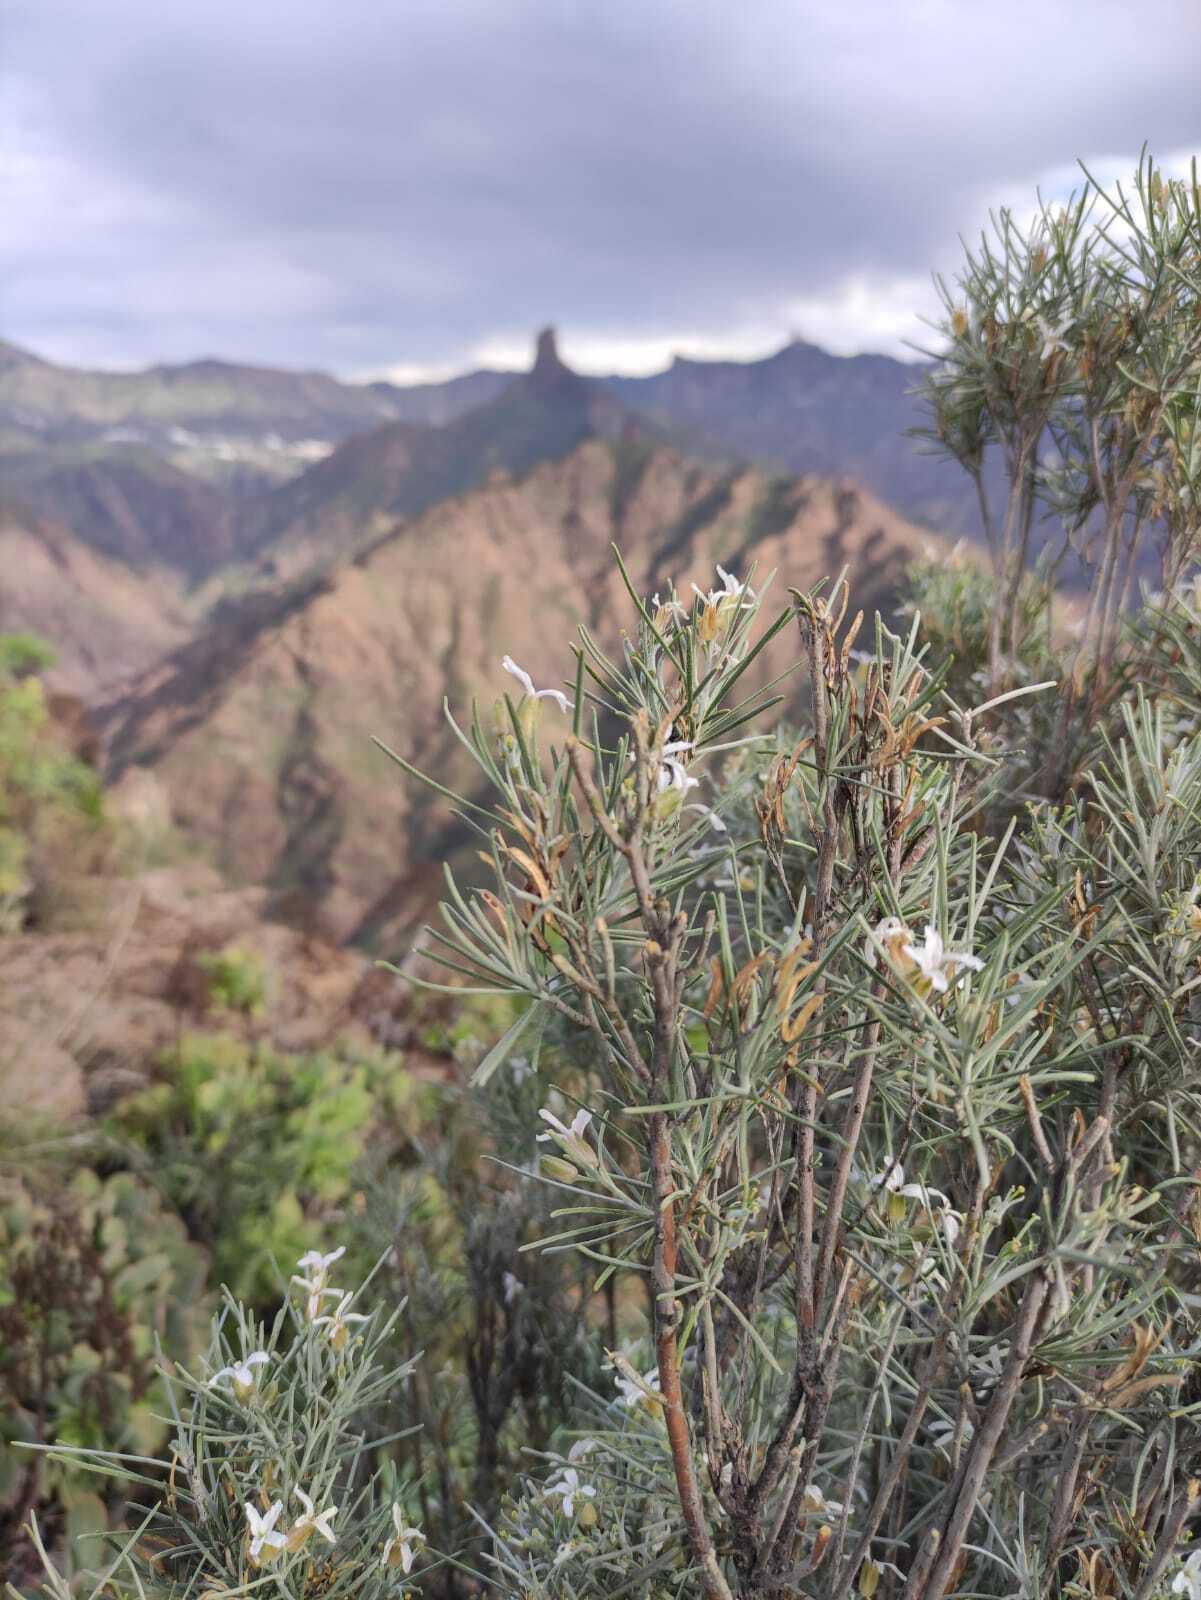 Foresta expone la importancia de la gestión y el trabajo que se lleva a cabo en los viveros de Canarias